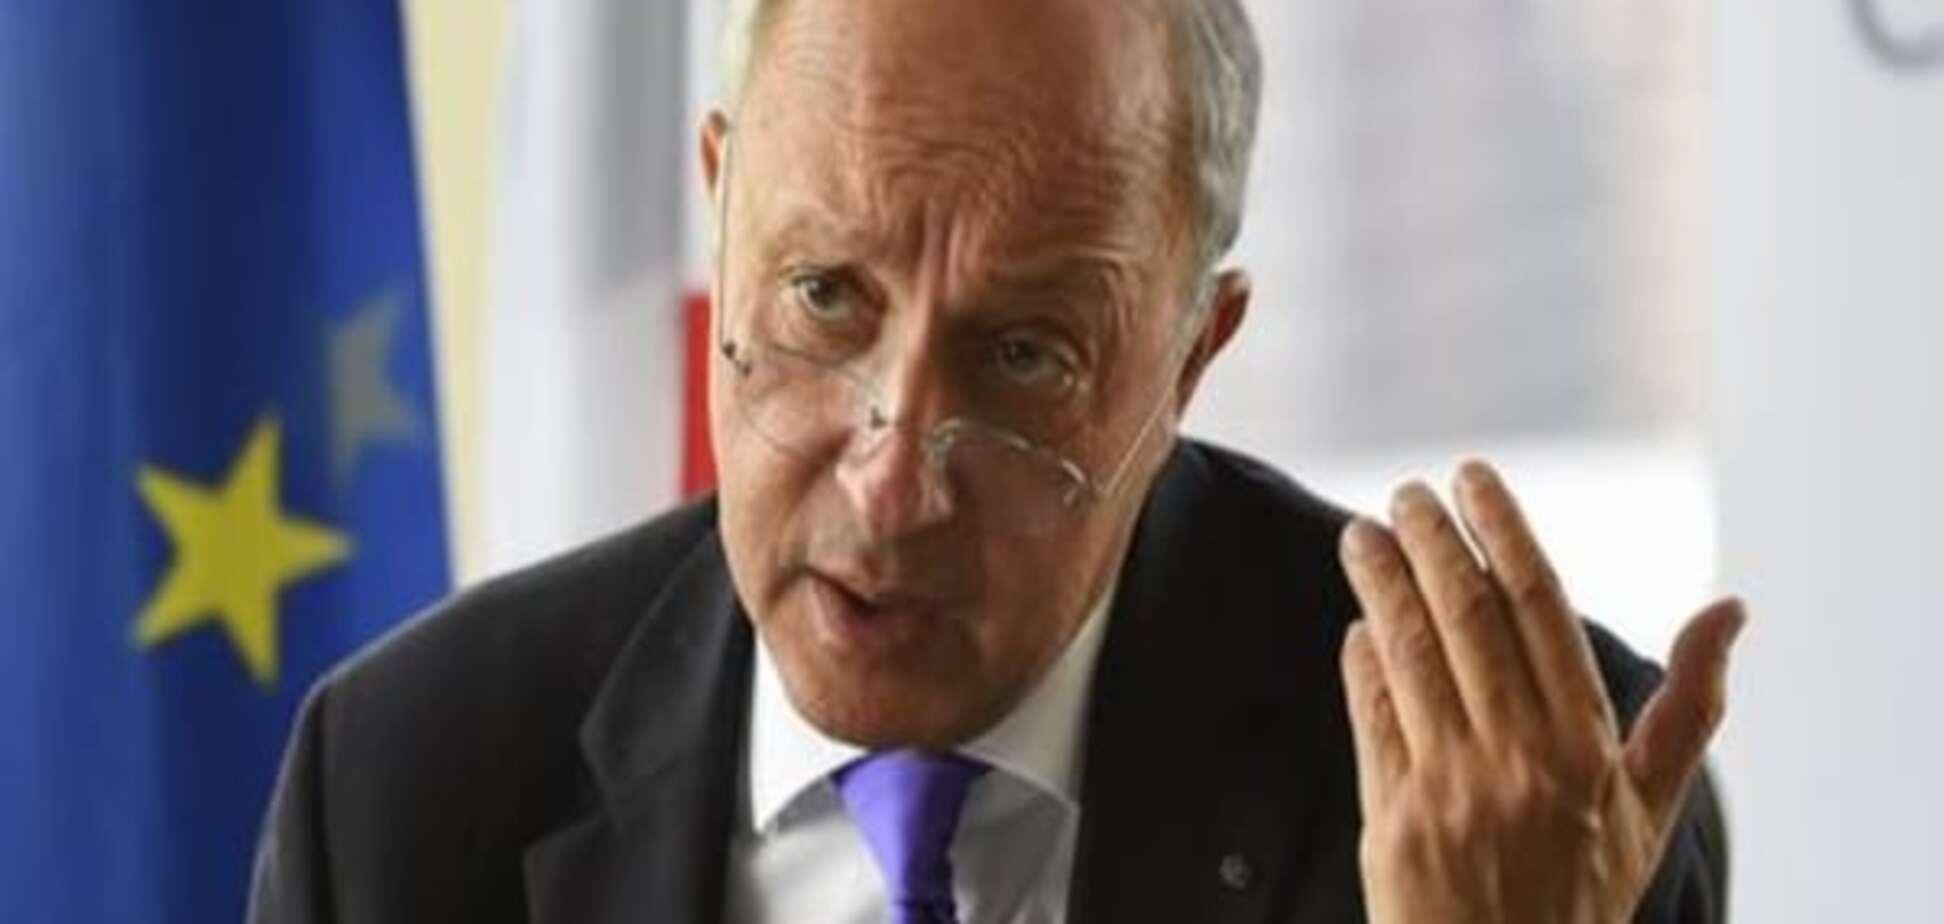 ЗМІ: У Франції більше не вимагають негайної відставки Асада